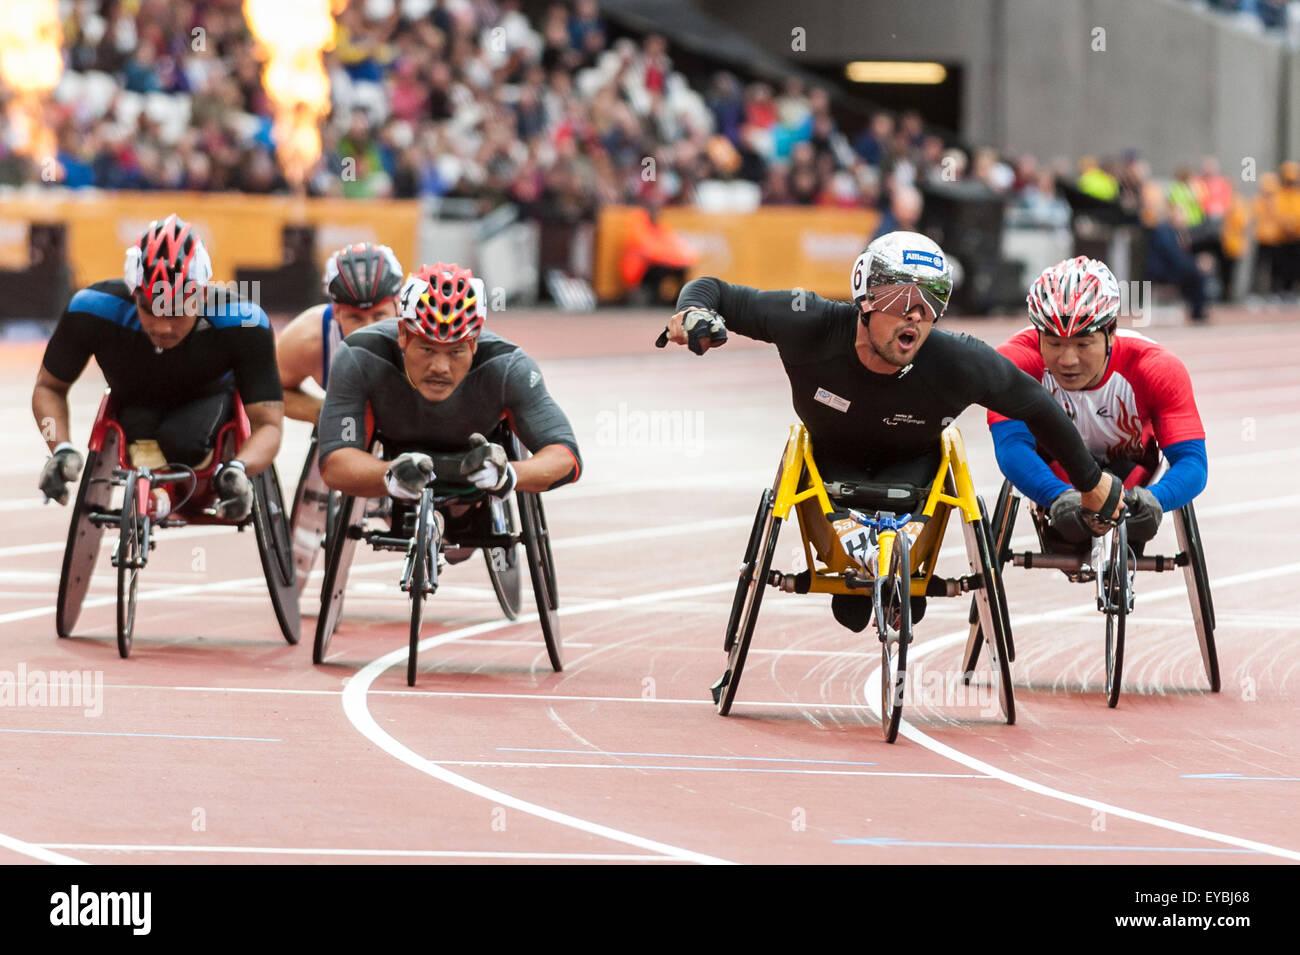 Londres, Royaume-Uni. 26 juillet 2015. Marcel Hug (SUI) remporte le 1500m hommes - T54 dans un temps de 3:04:15 Photo Stock